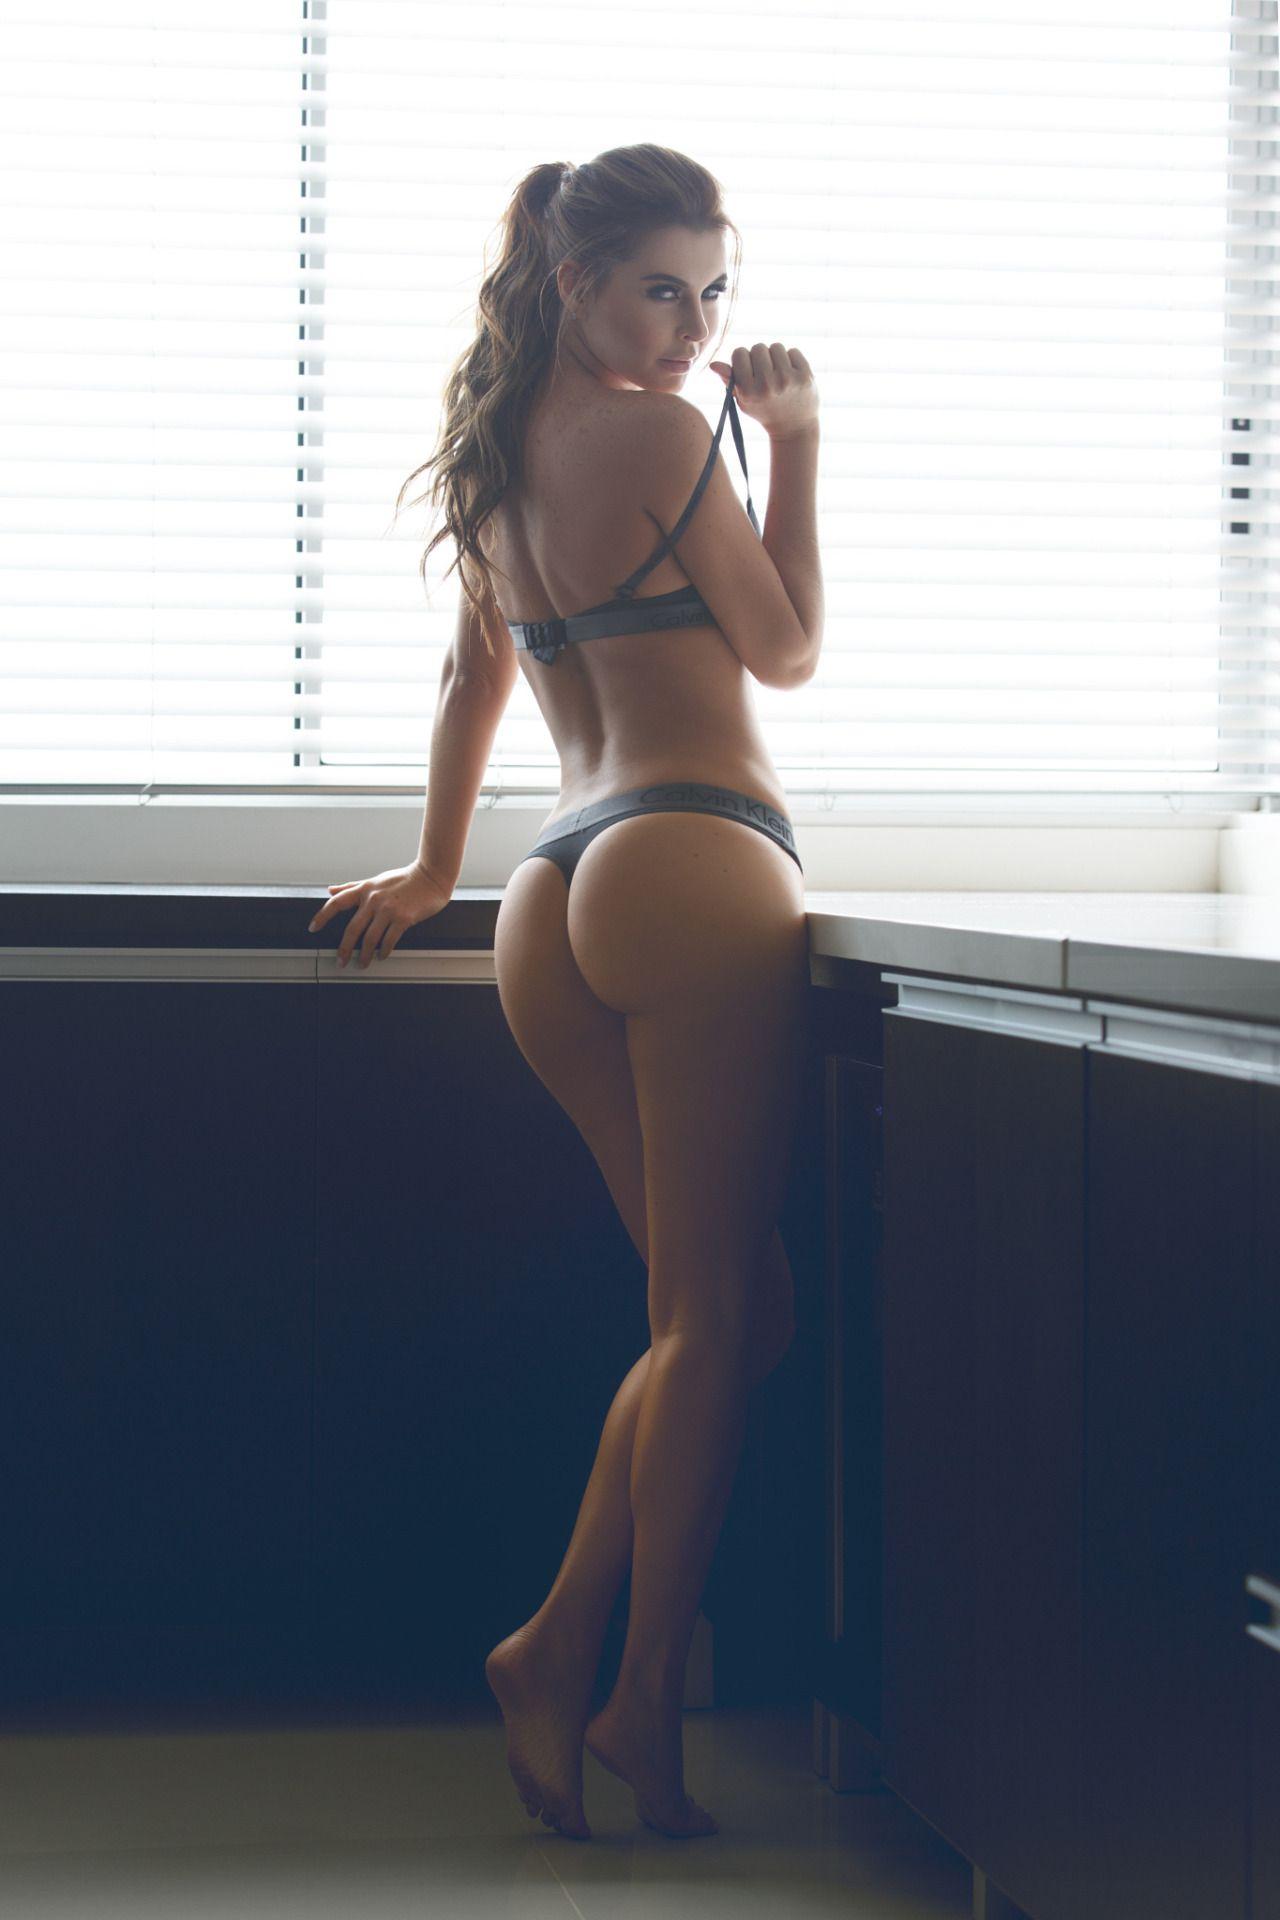 ಠ_ರೃ) | beautifull babes | Pinterest | Anatomía humana, Nalgas y ...